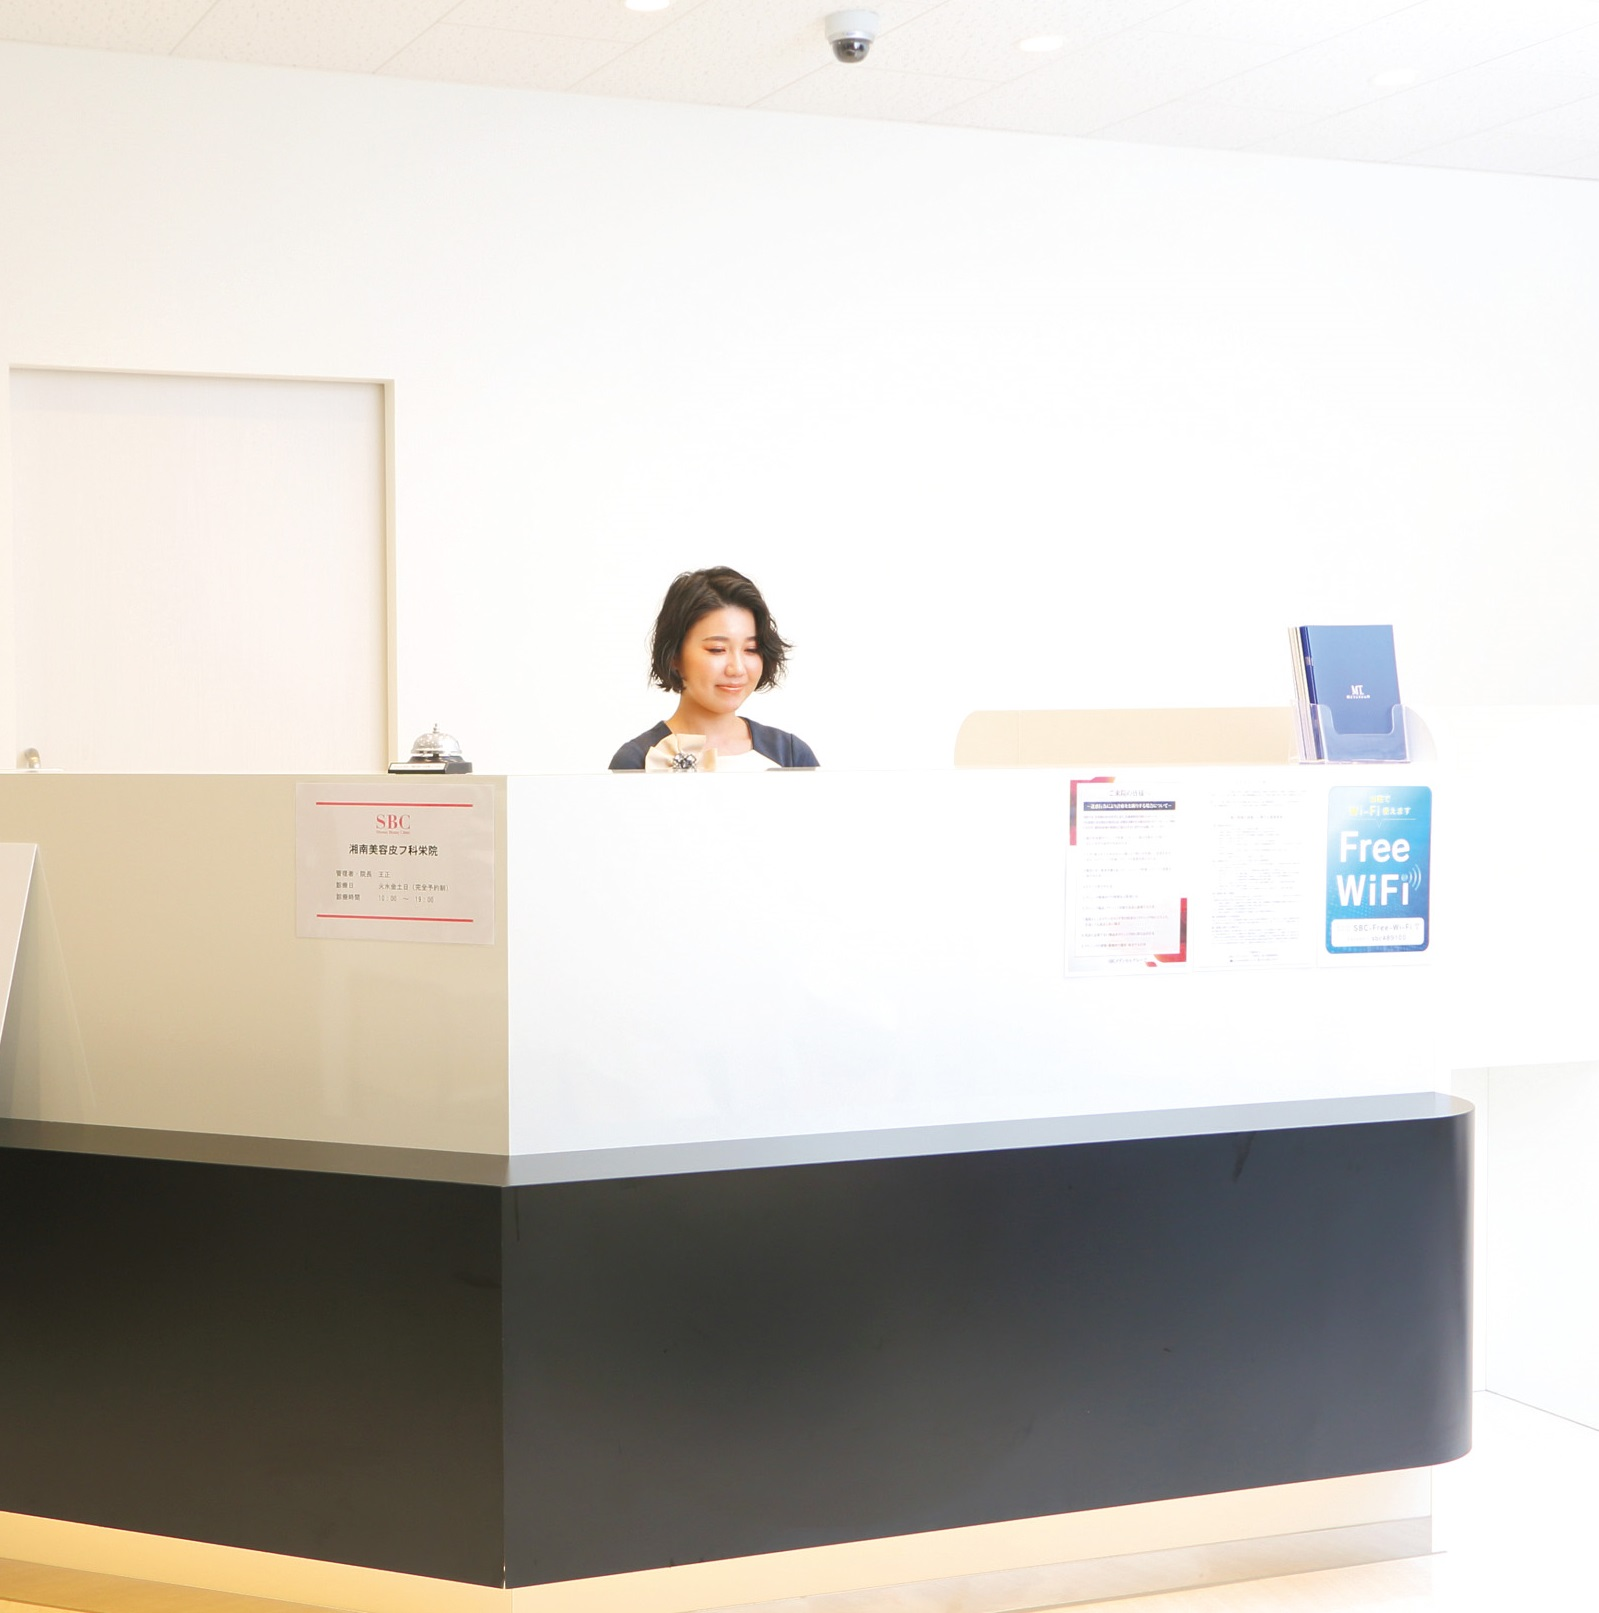 時間も価格もコンパクト!「湘南美容皮フ科 栄院」の 半セルフ型美容医療サービスを体験